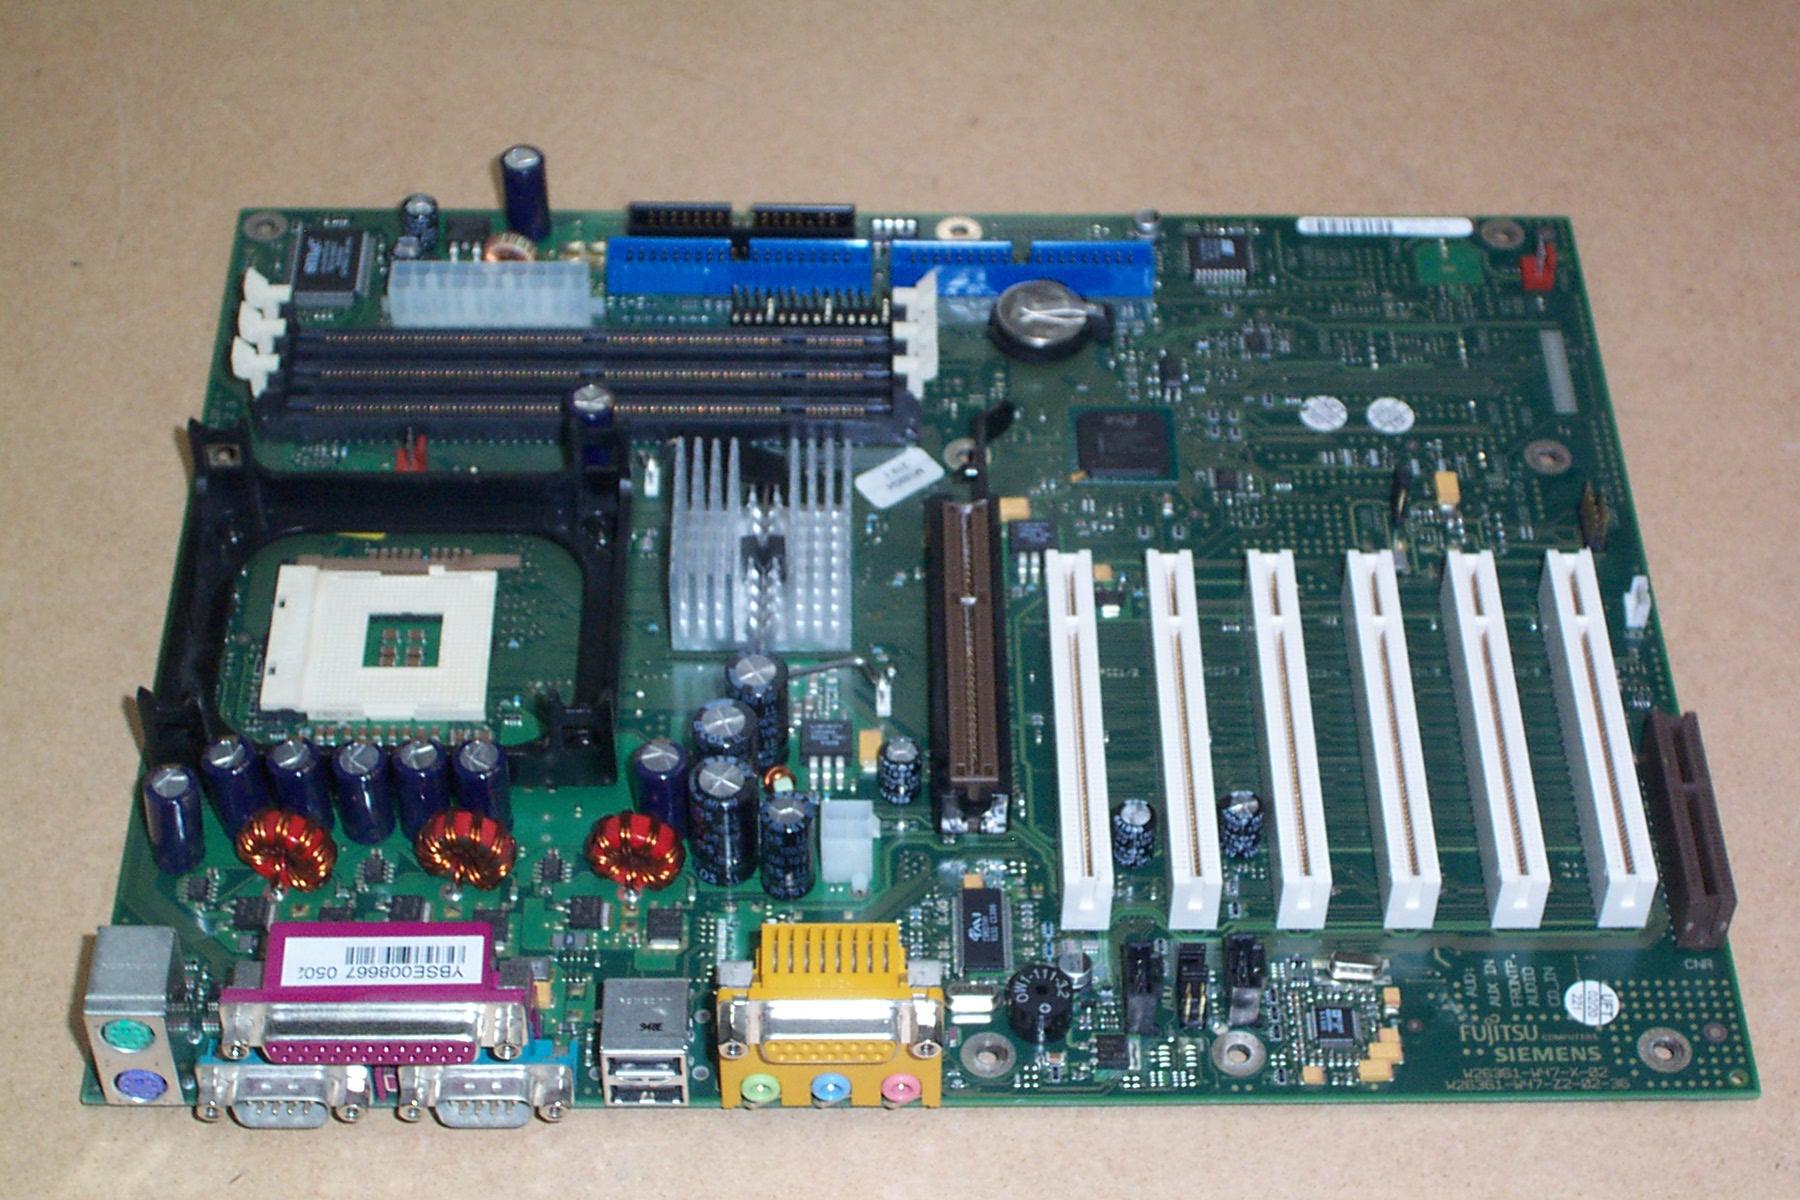 Fujitsu mother board W26361-W65-X-04 Z2-05-36 D1567-C33 GS6